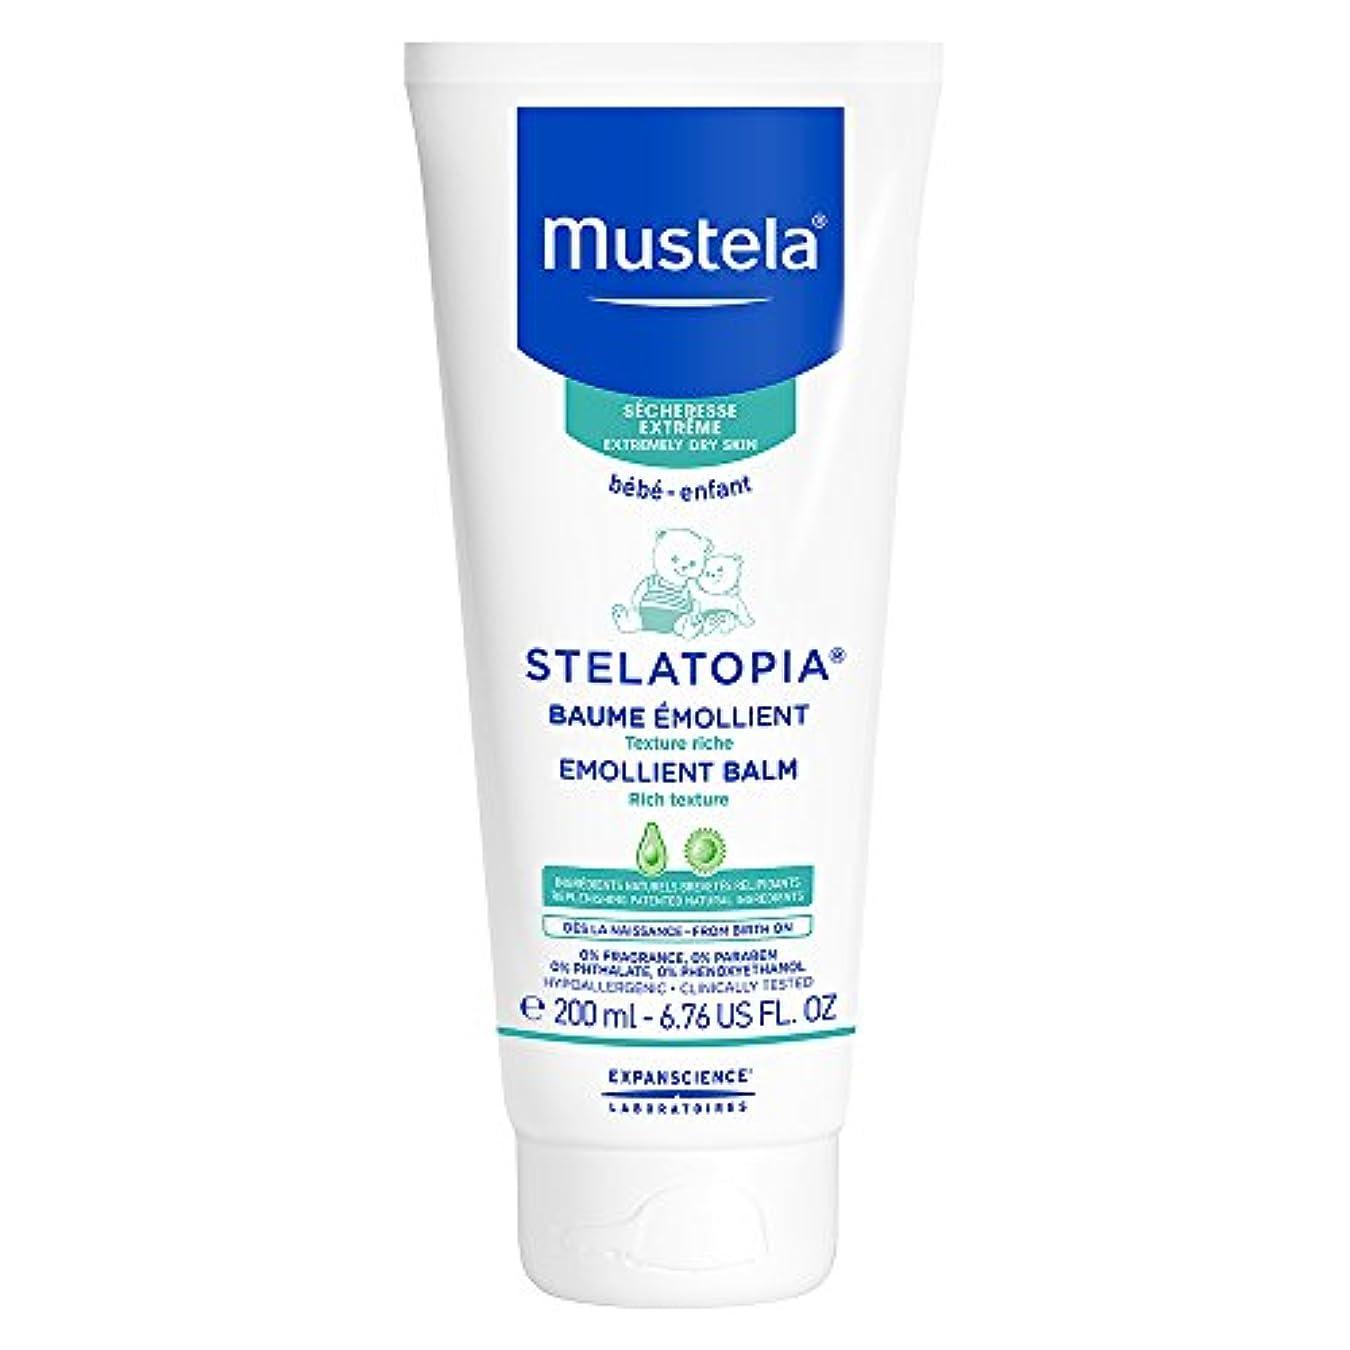 電気スティーブンソンページェントMustela - Stelatopia Emollient Balm (6.76 oz.)